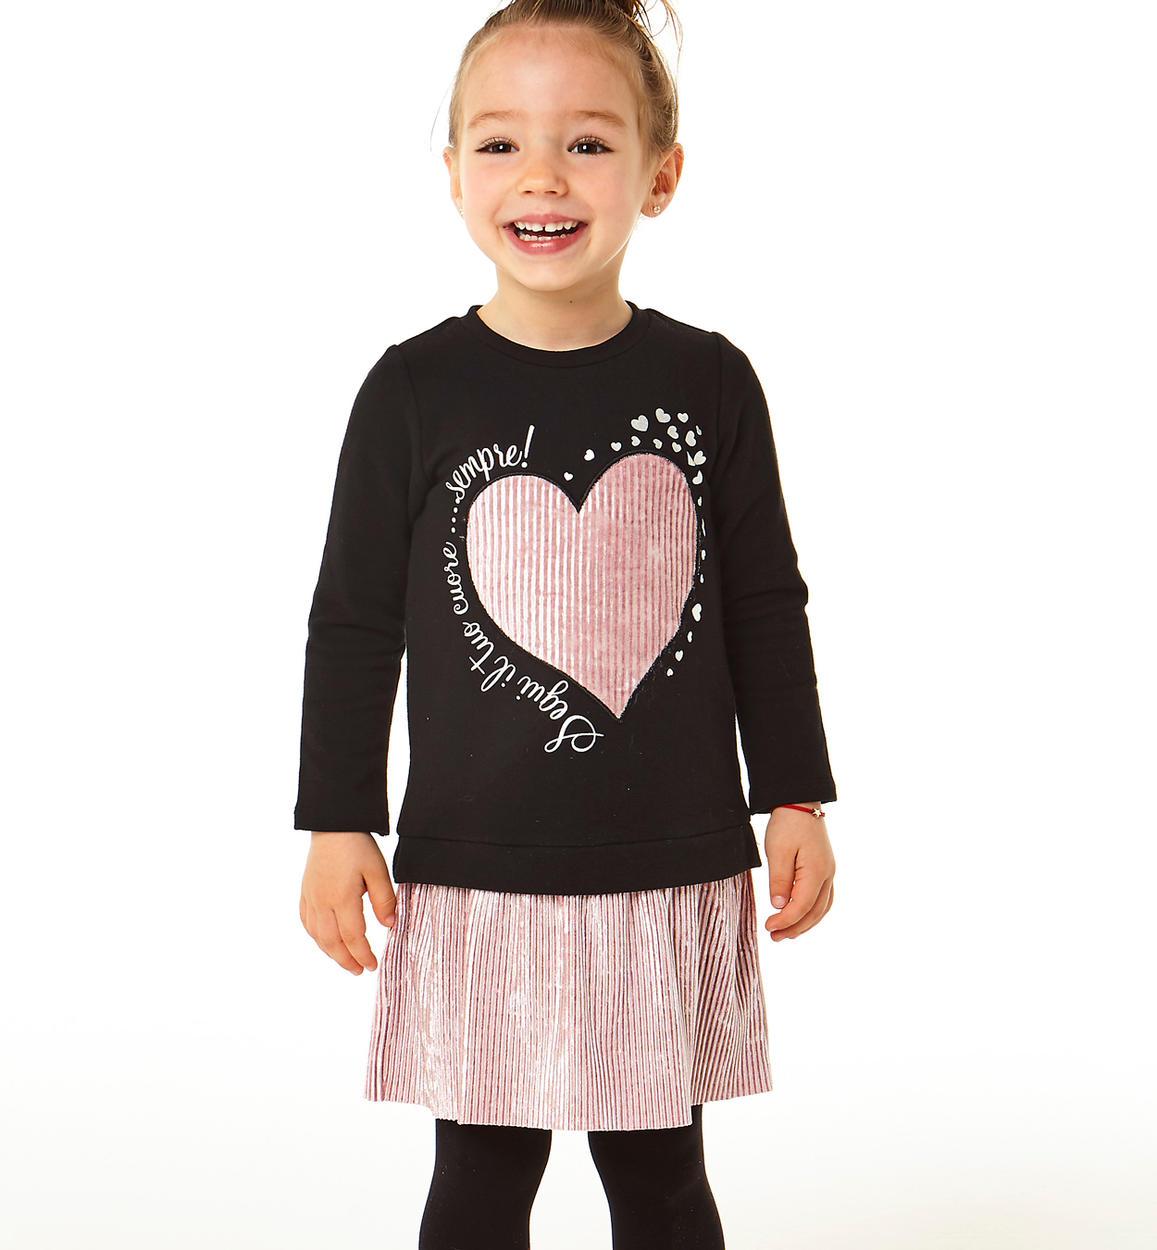 Outlet fekete rózsaszín ruha szívecske 50% kedvezménnyel